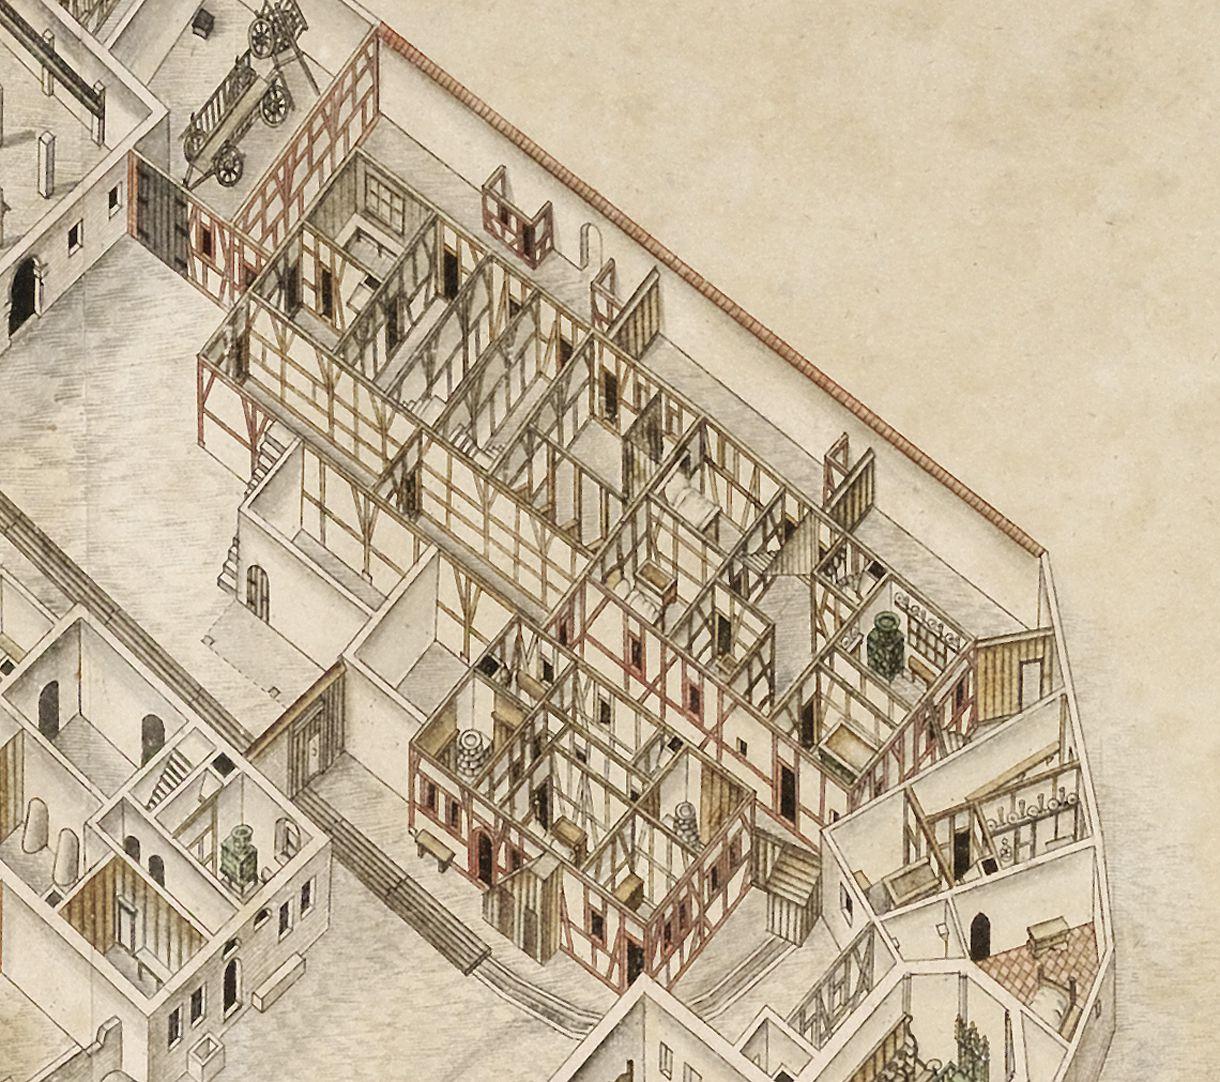 Isometrische Darstellung der Gesamtanlage des Deutschen Hauses in Nürnberg mit Einblick in die Erdgeschosse Detail der alten Spital- und Zinshäuser